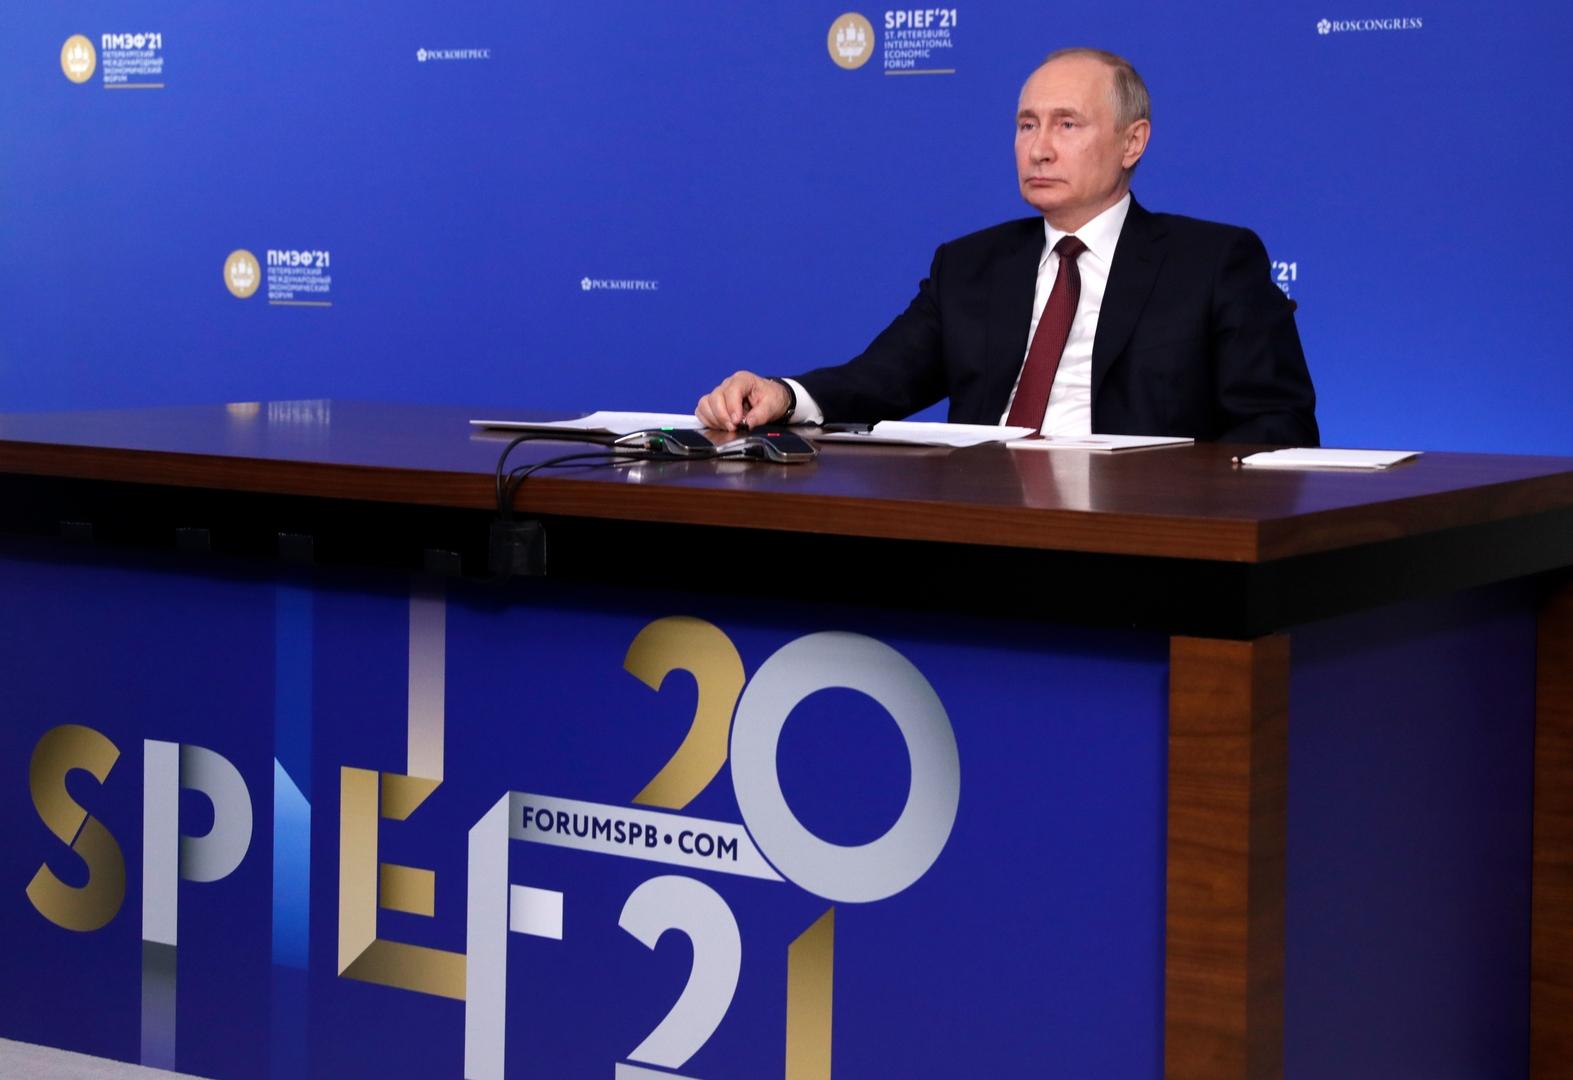 بوتين: روسيا لا تسعى للاستغناء عن الدولار